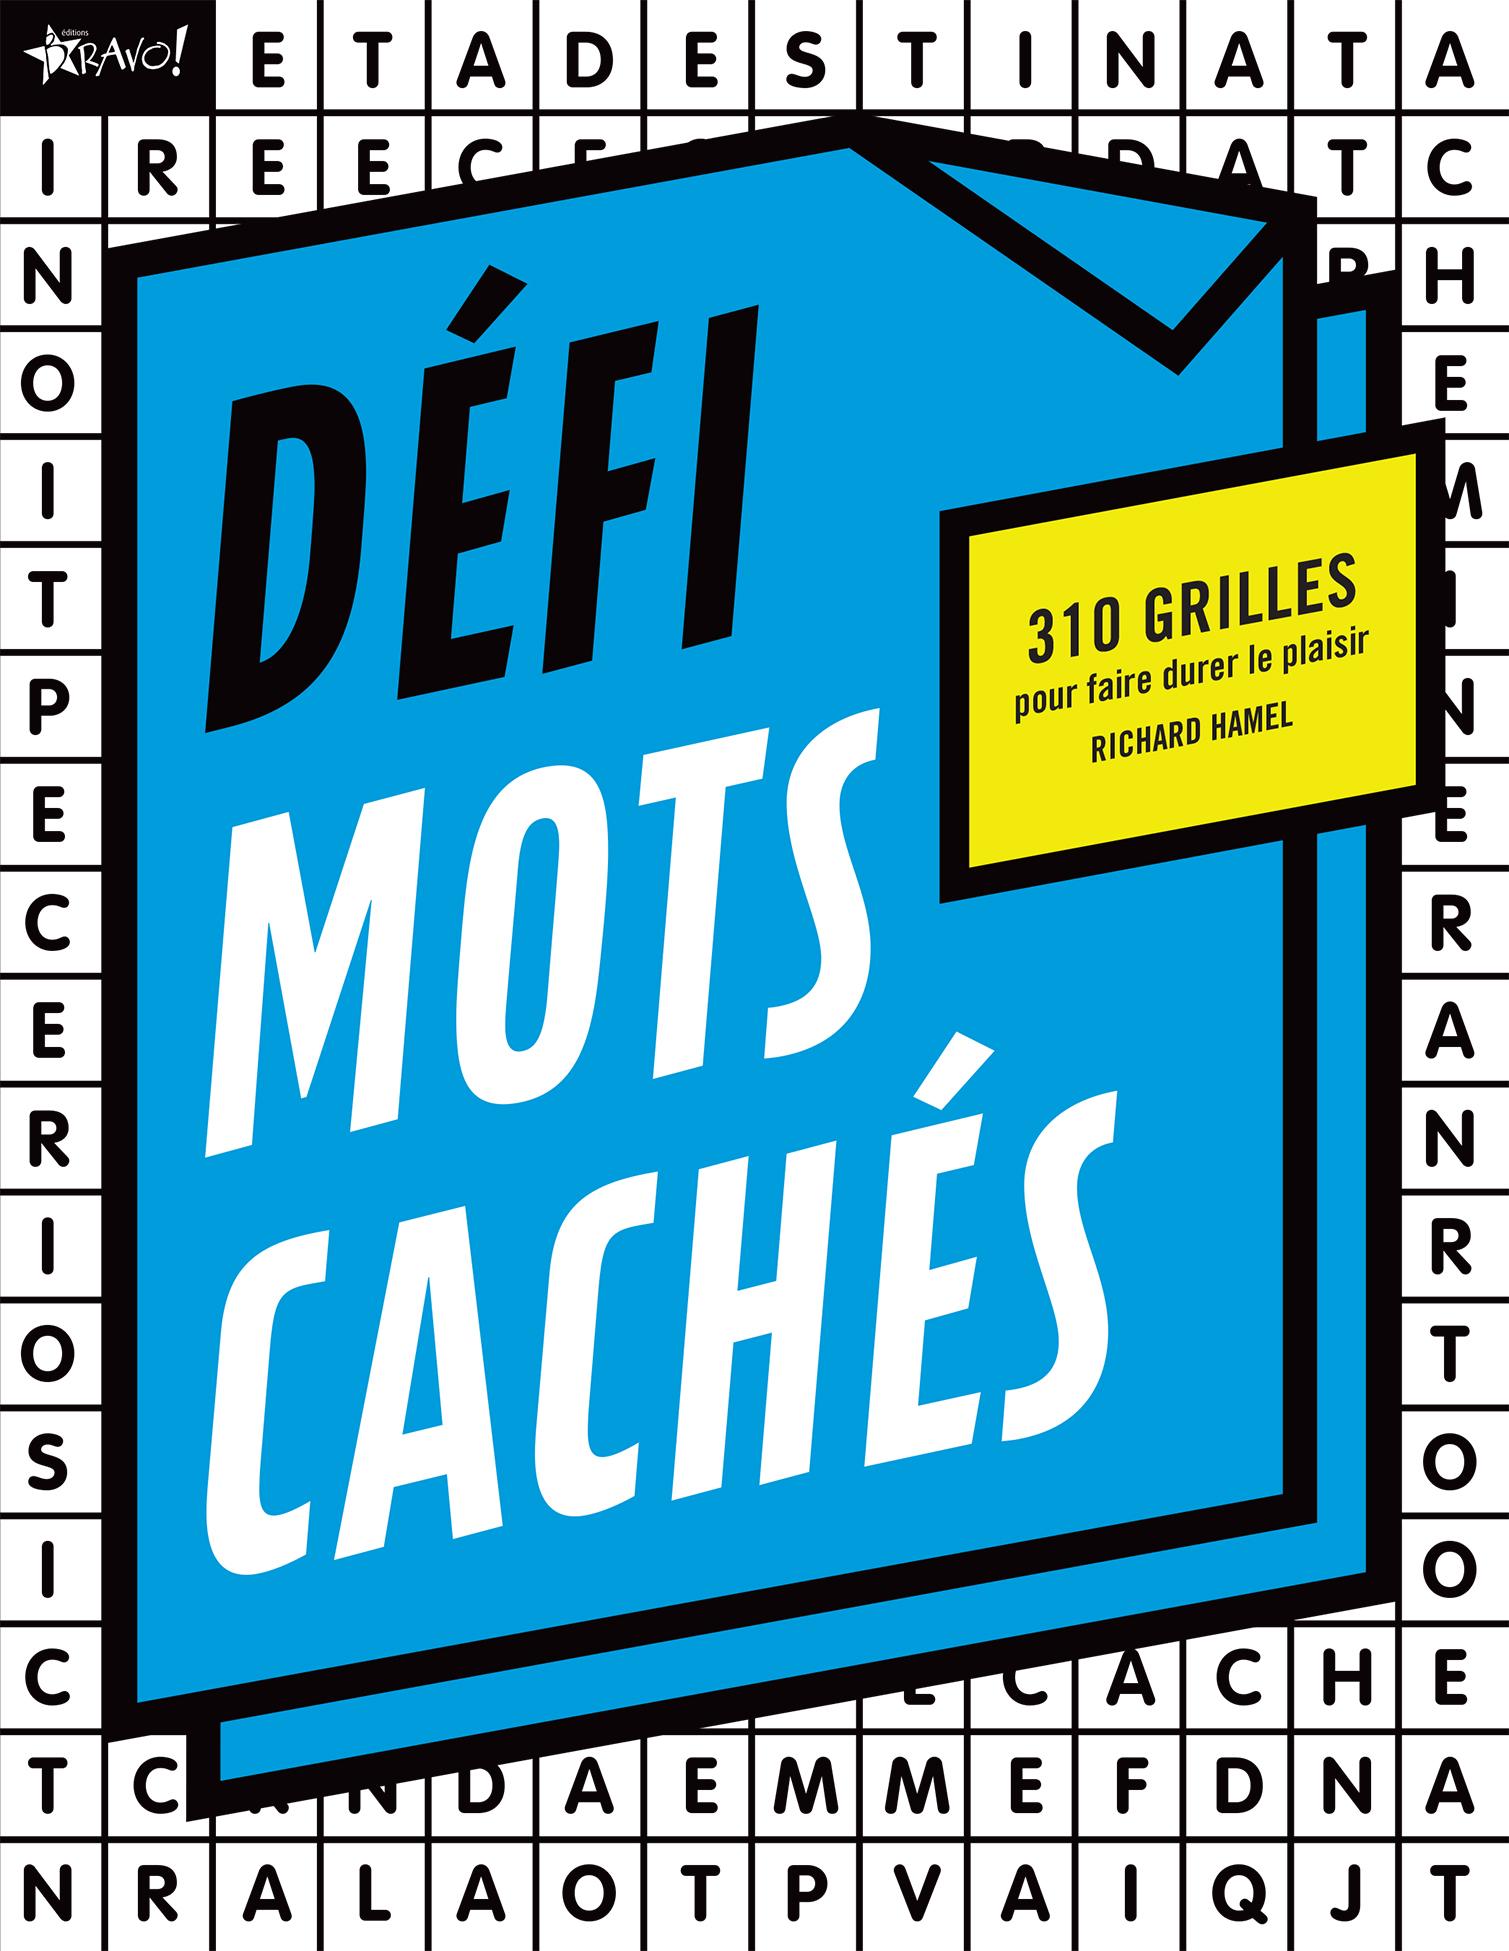 314_DefiMotsCaches_C1